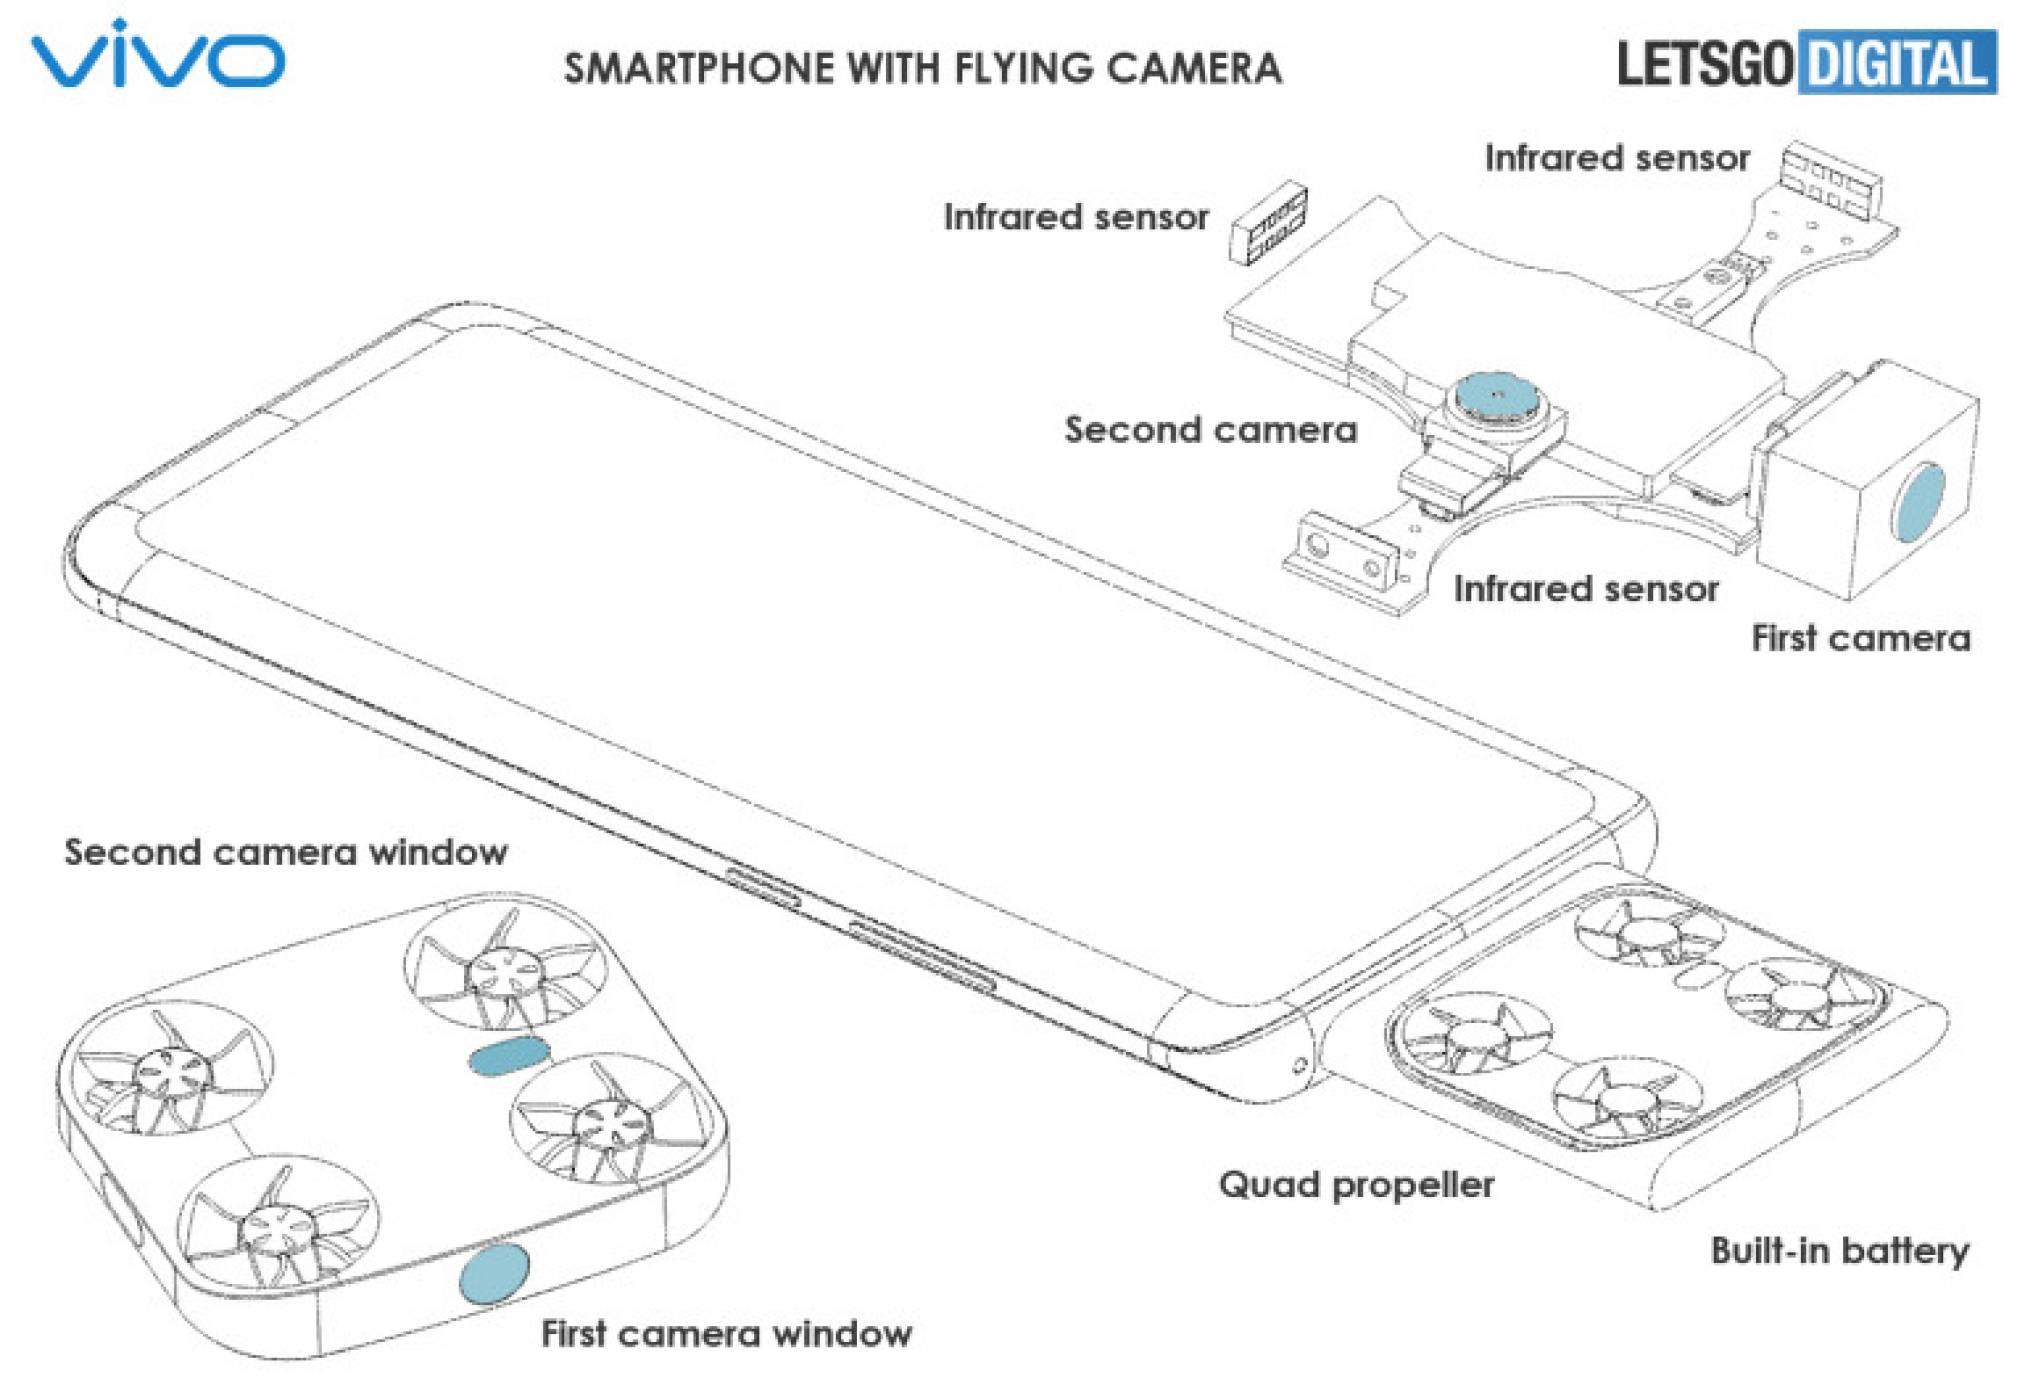 Патент на Vivo загатва за летящи селфи камери